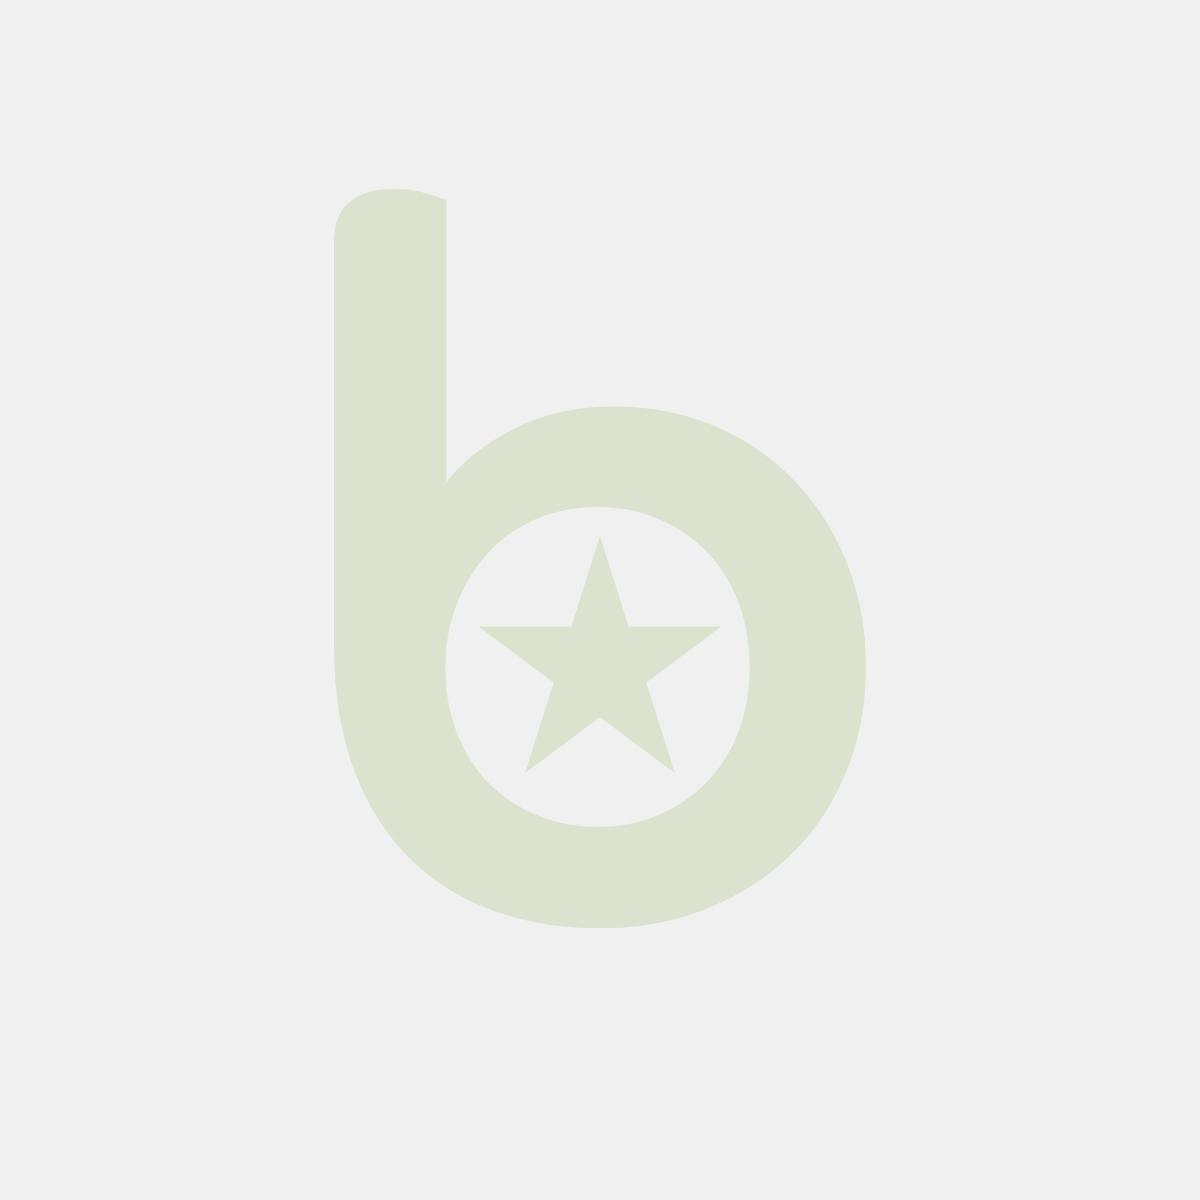 FINGERFOOD - BIO łyżeczka MOZART PLA transparentna, 10,3x1,6xh.3,8 op. 50 sztuk